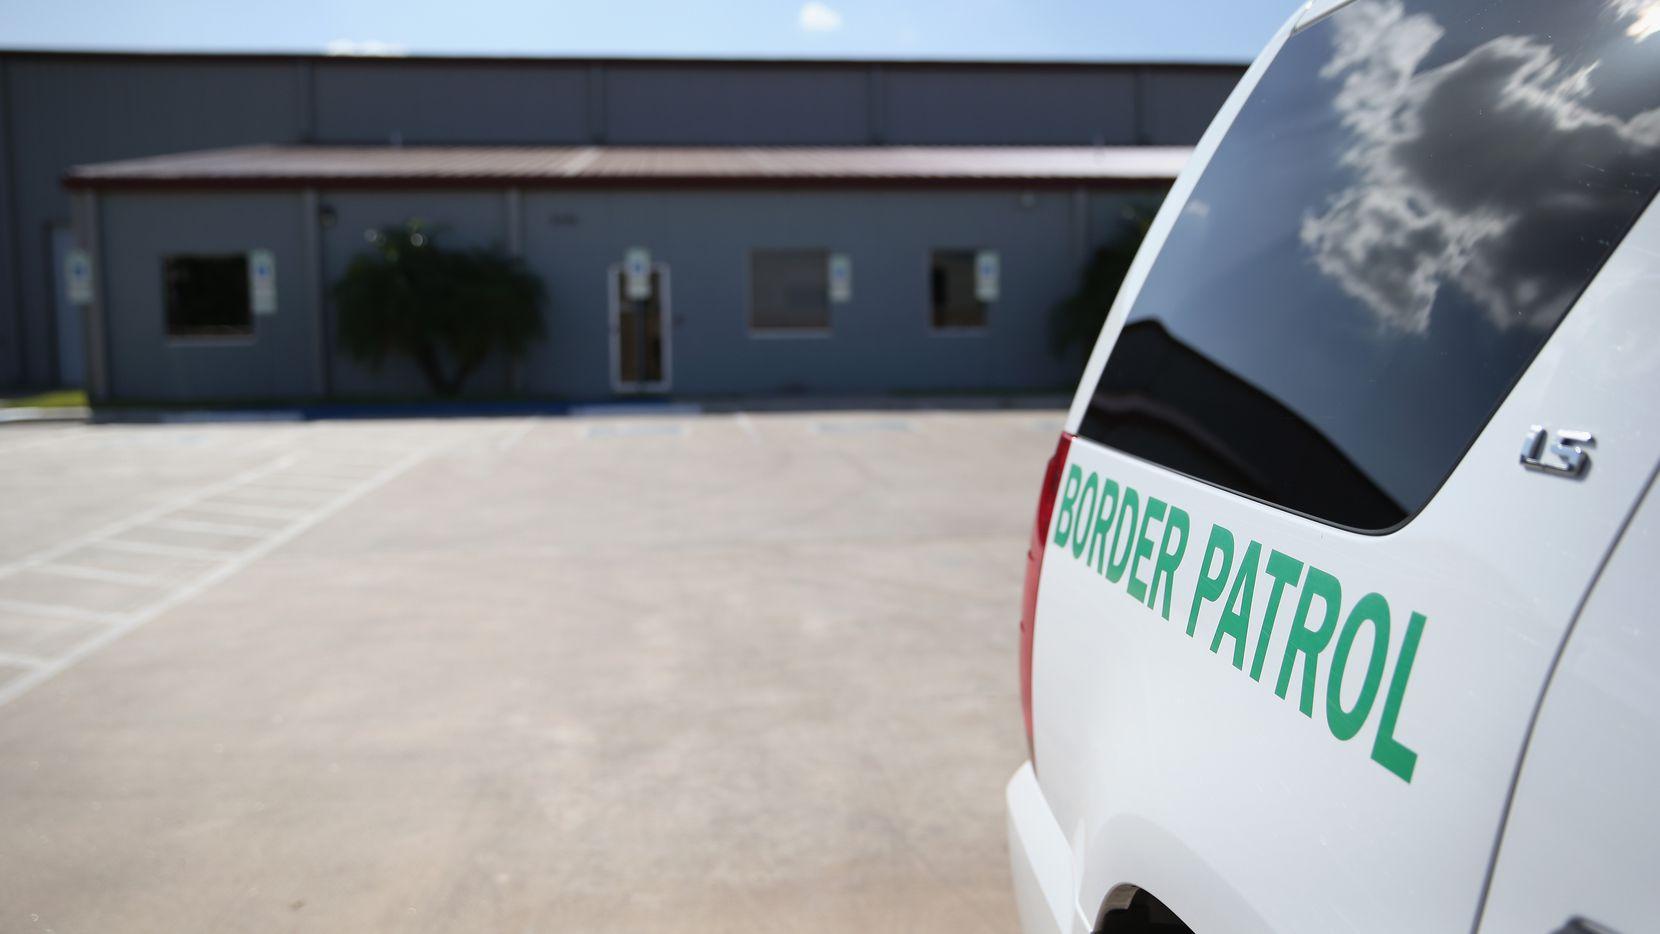 Un vehículo de la Patrulla Fronteriza estacionado afuera de un centro de detención de inmigrantes en McAllen, Texas. GETTY IMAGES